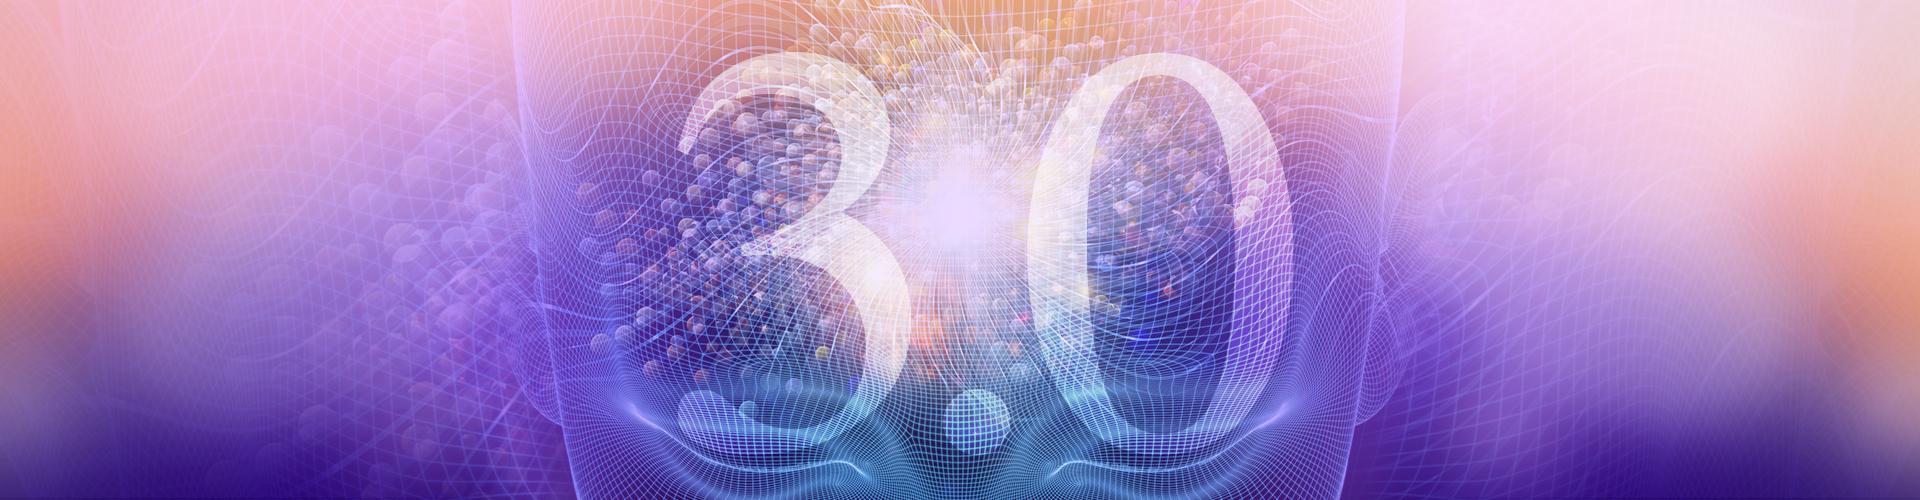 La vie 3.0 : L'intelligence artificielle dans notre société